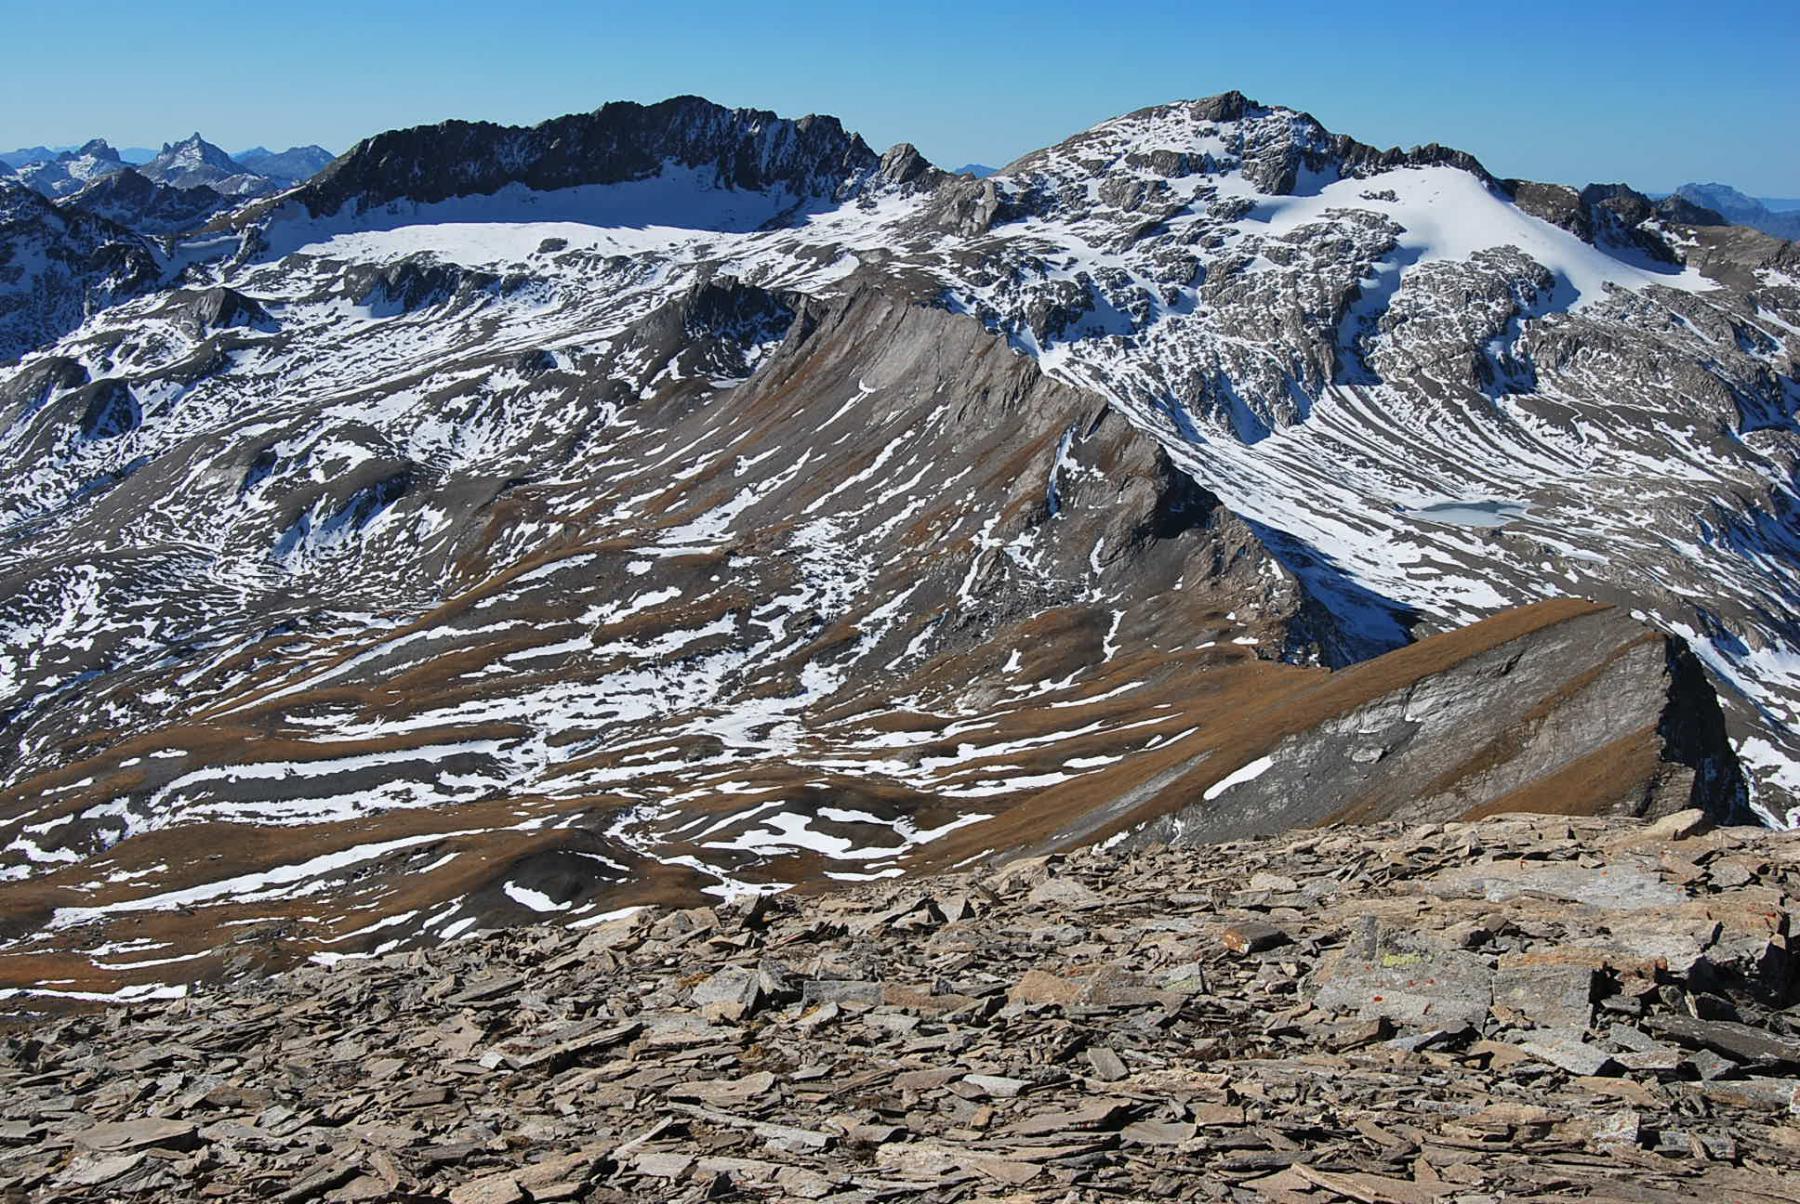 Colle Breuil, La Forclaz, Punta Lechaud, Bassa Serra ed il Colle Bassa Serra